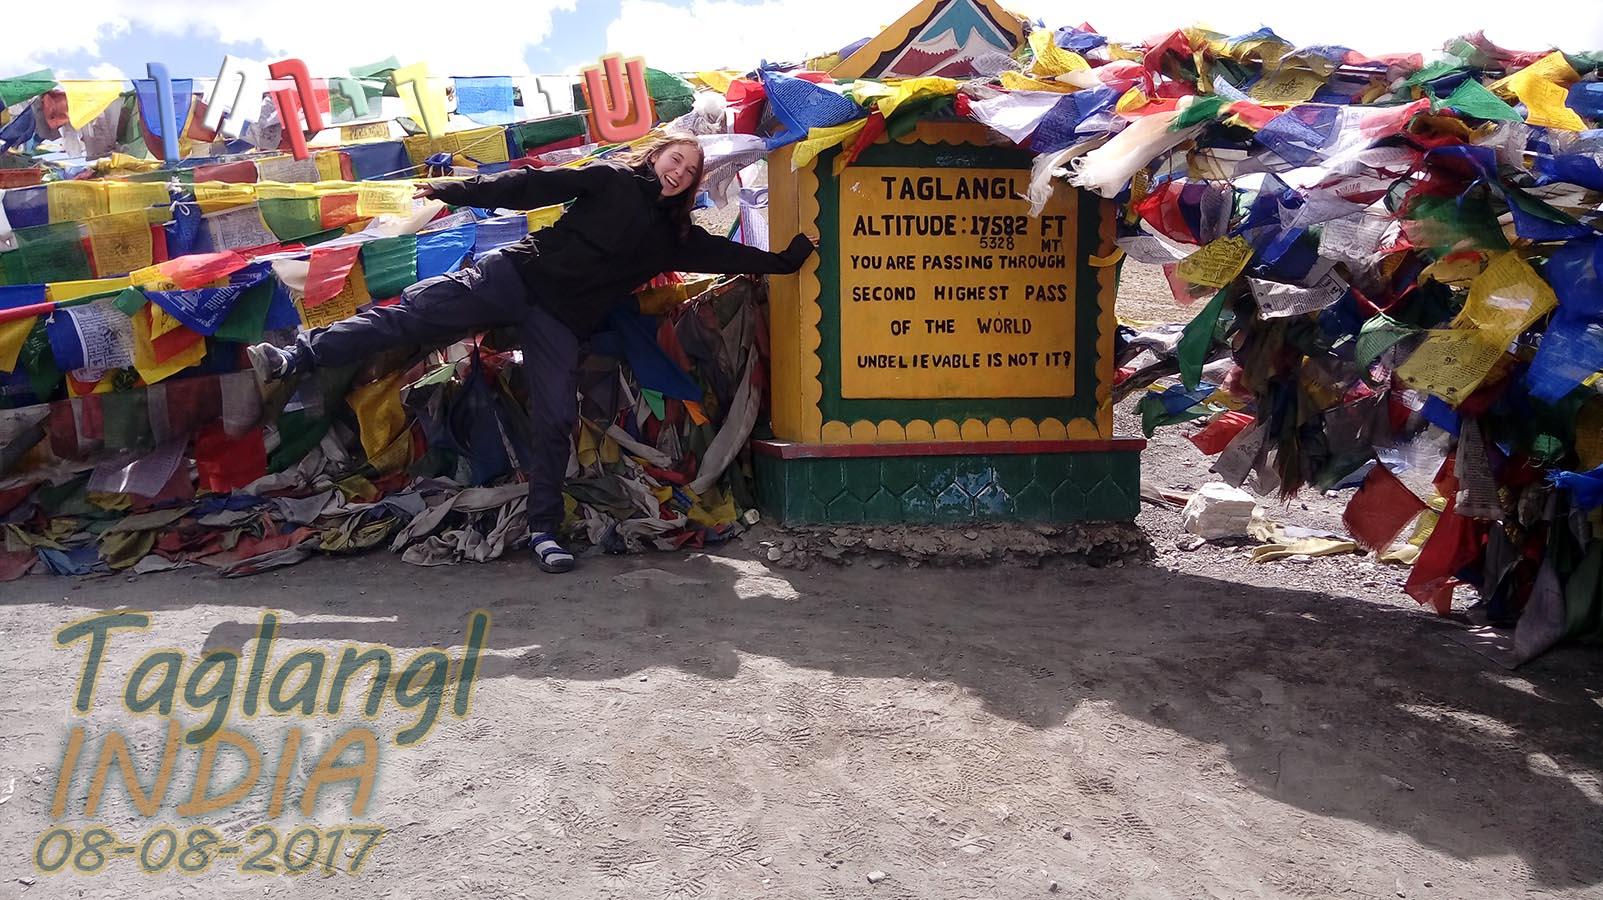 שי דיקמן מתנפנפת ב Tanglangl, הוד